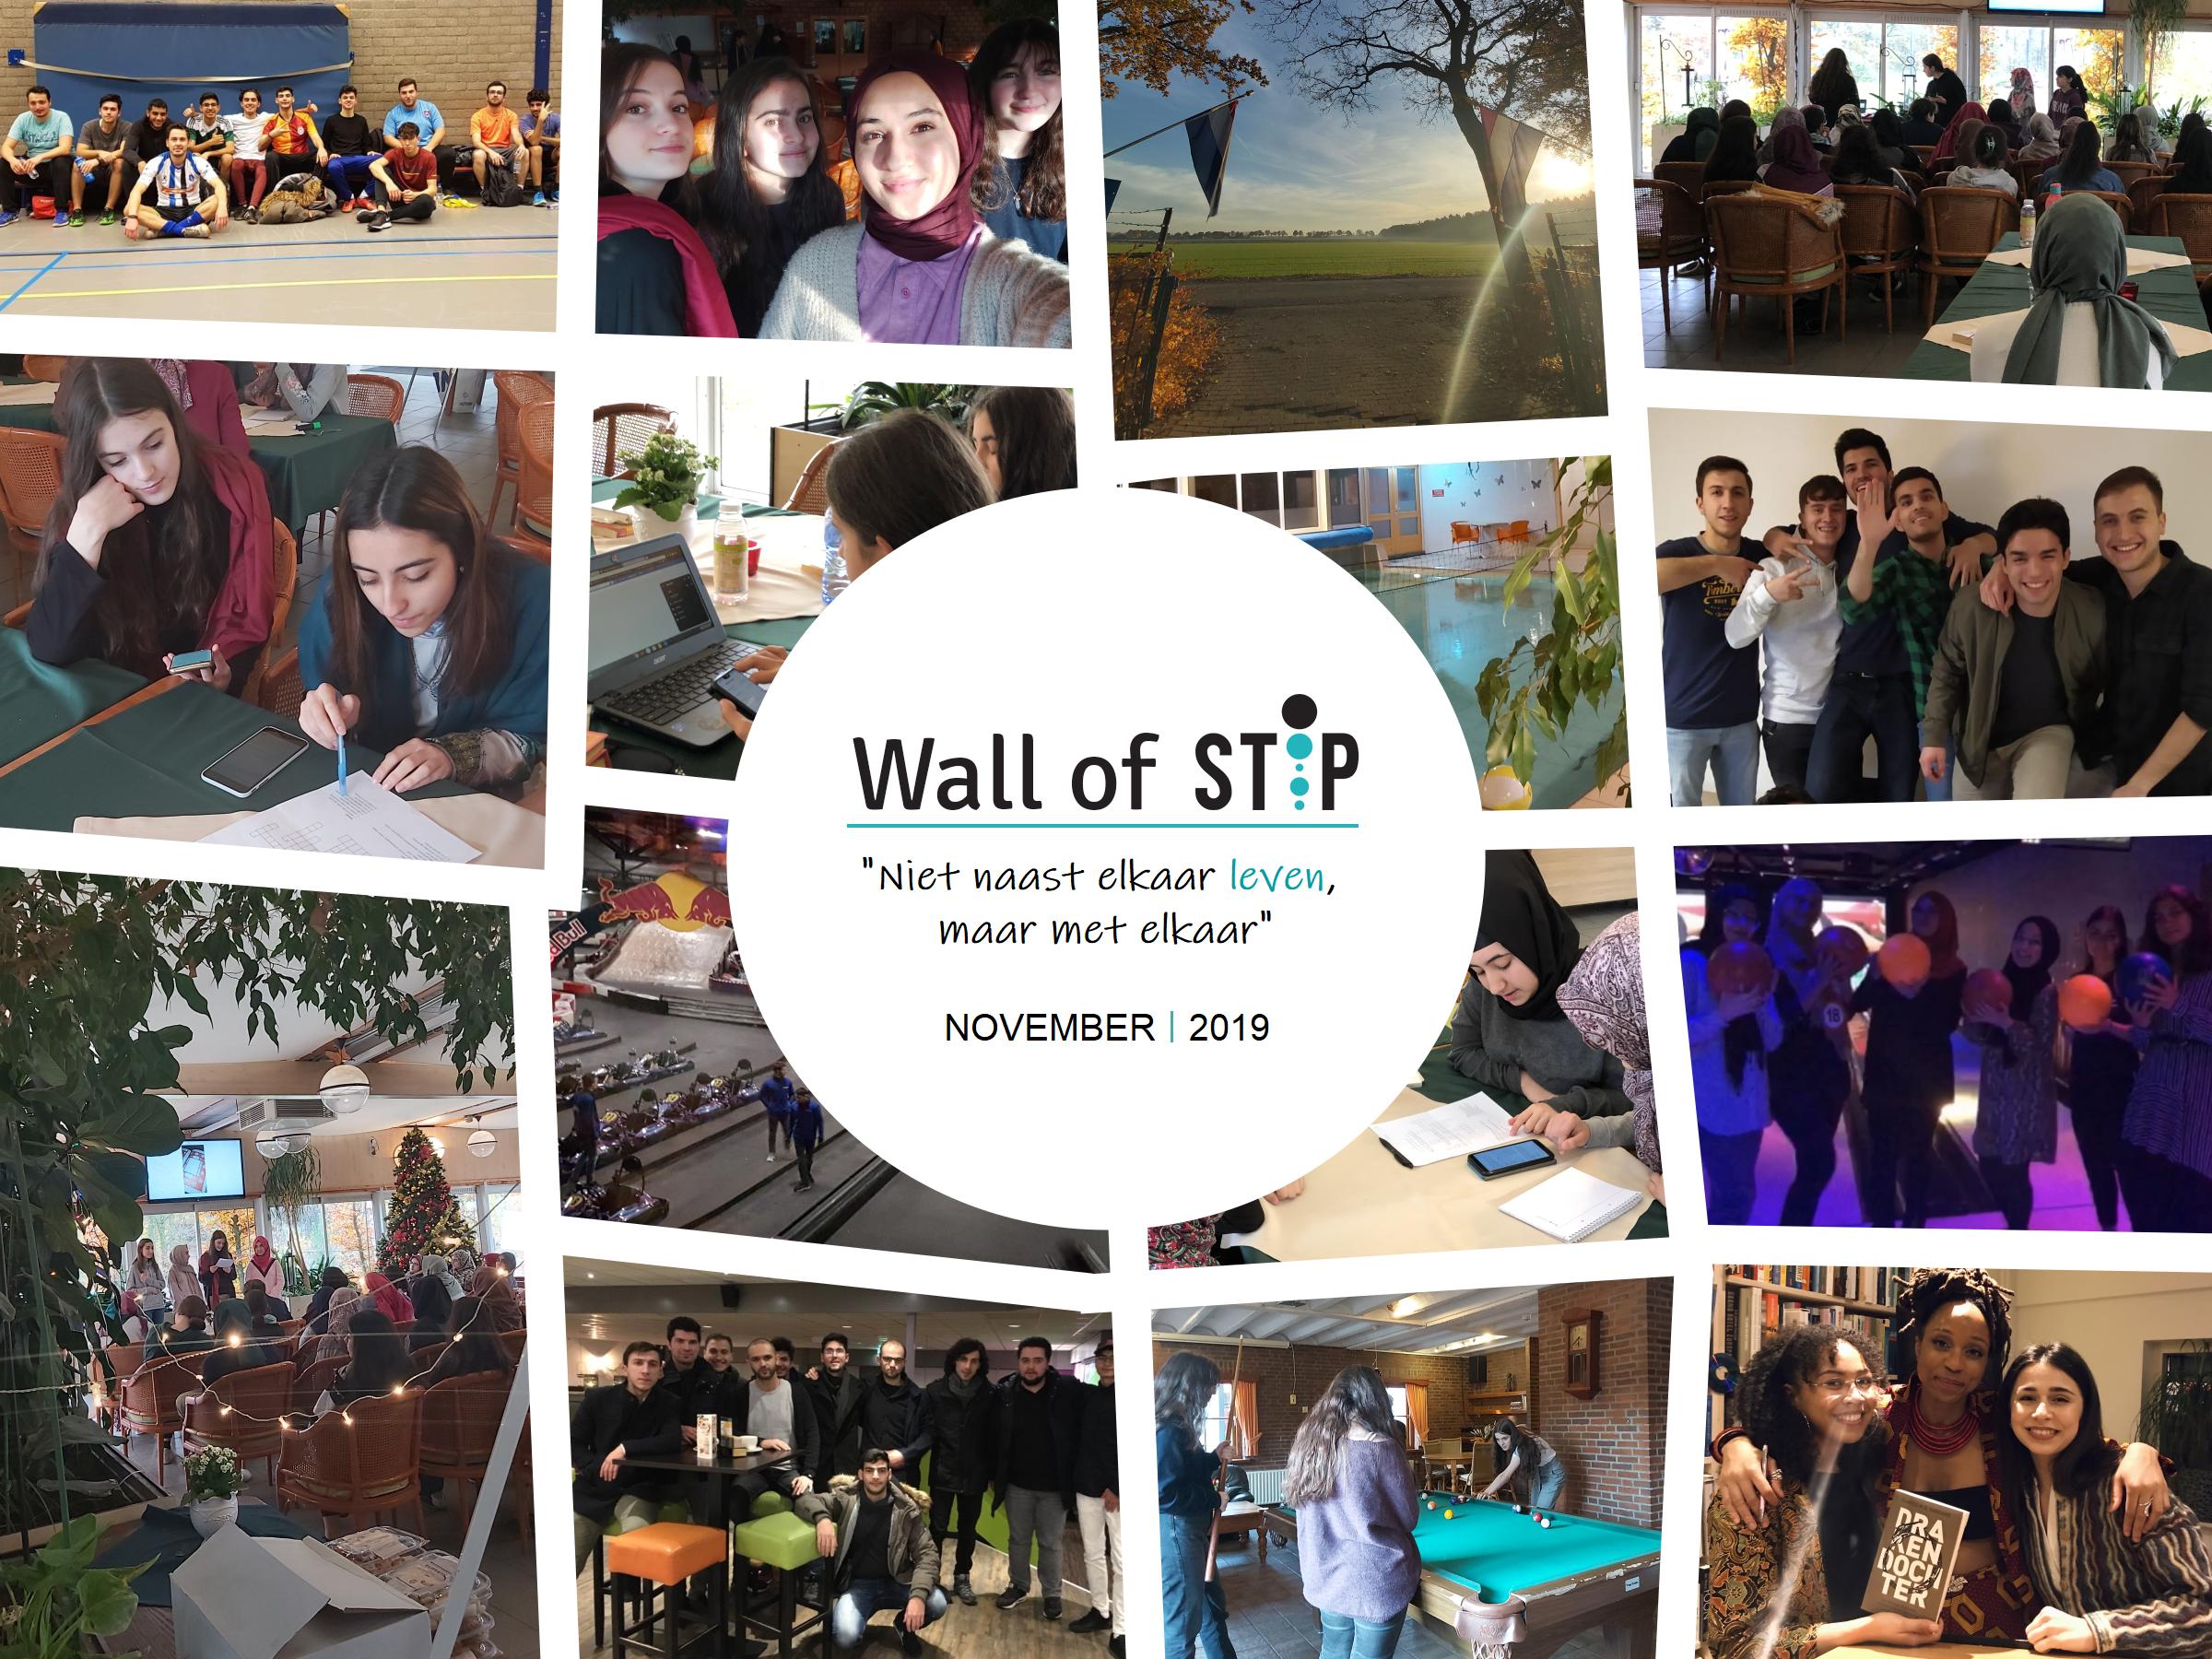 Wall of Stip - November 2019